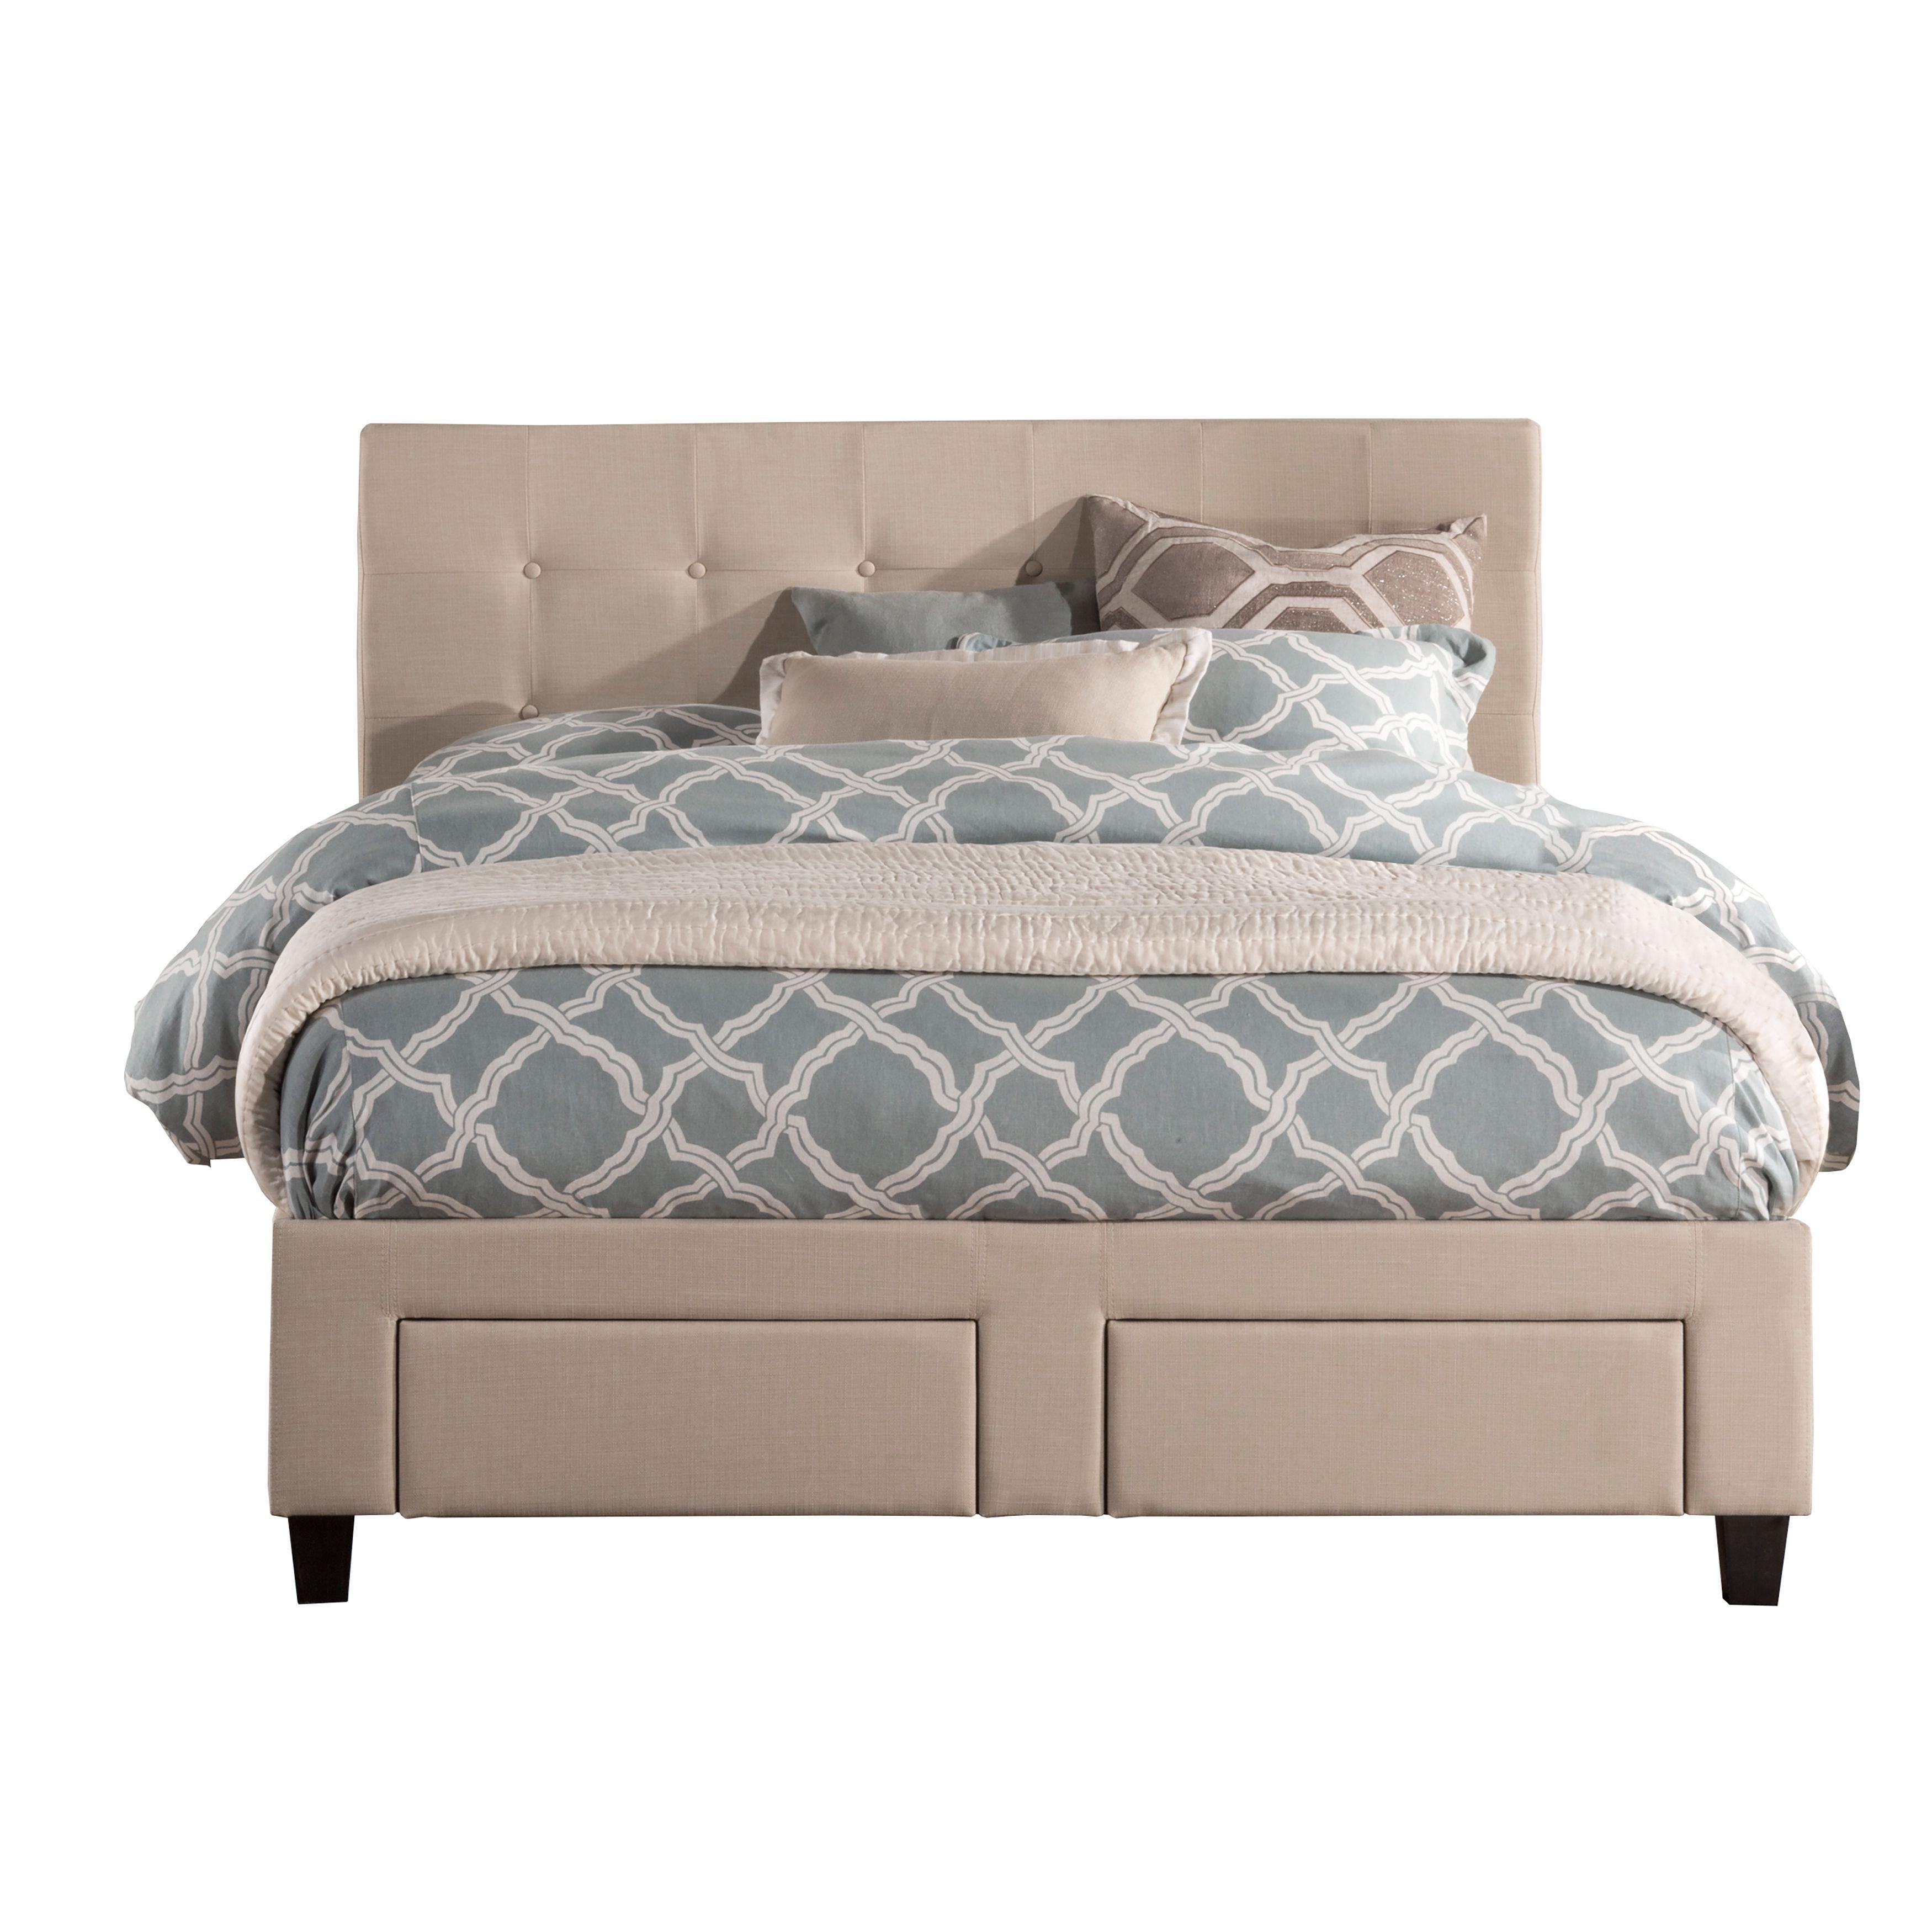 Duggan Beige Upholstered Tufted Front Storage Queen / King